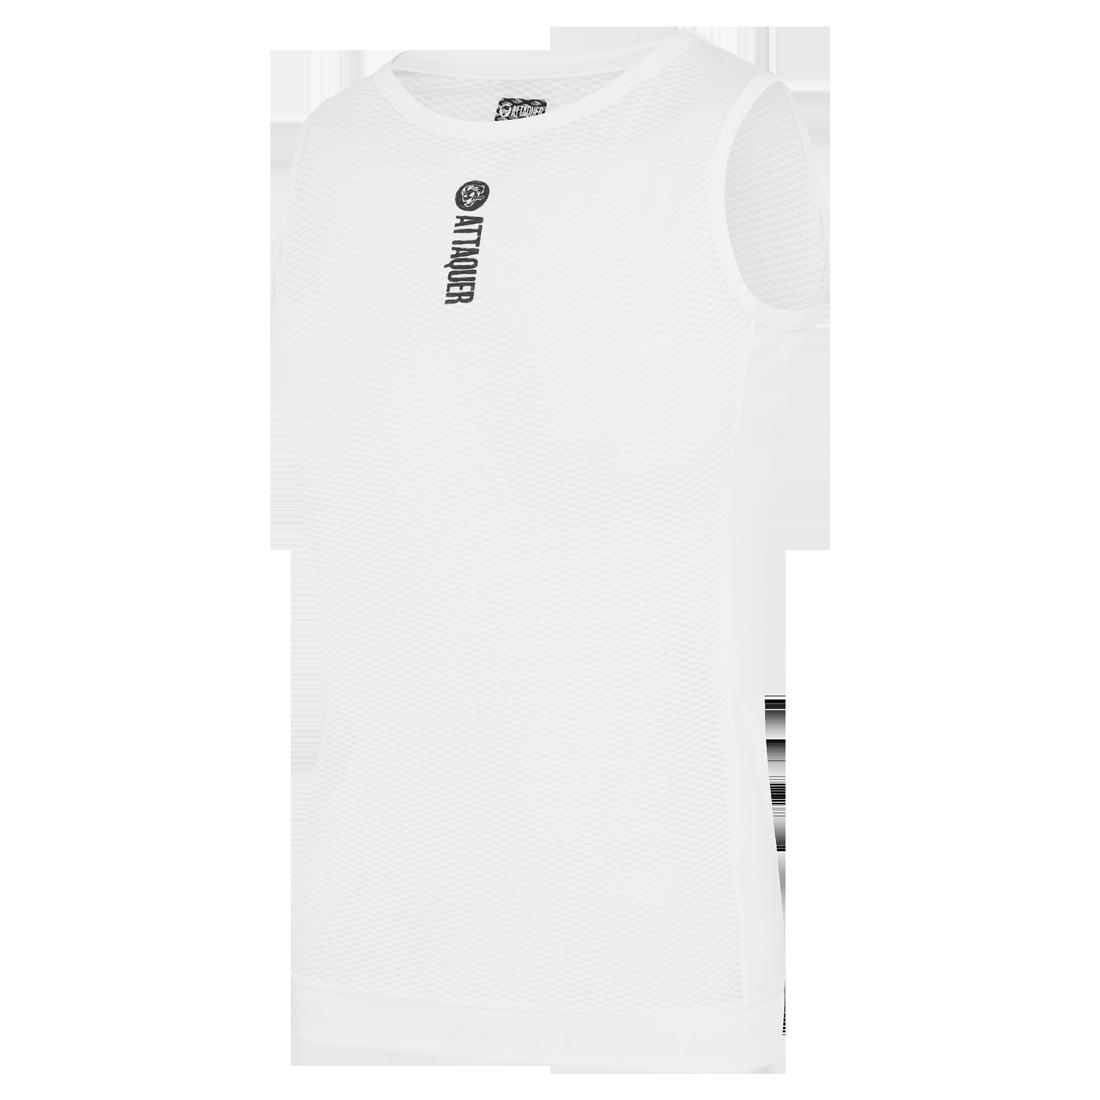 Attaquer Undershirt Summer Weight Black